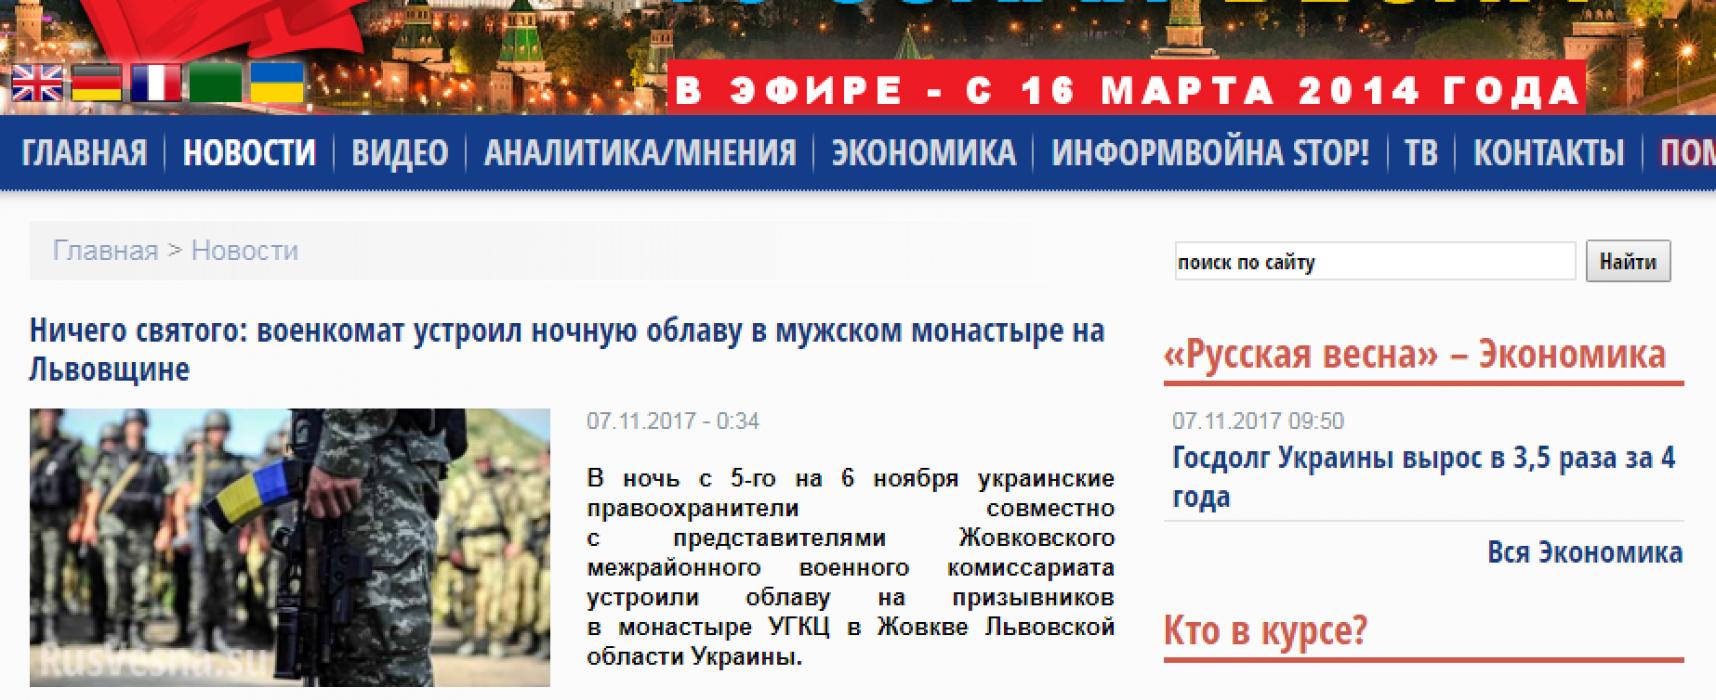 Фейк: Украински военни претърсили манастир на УКГЦ и връчили повиквателни на монасите